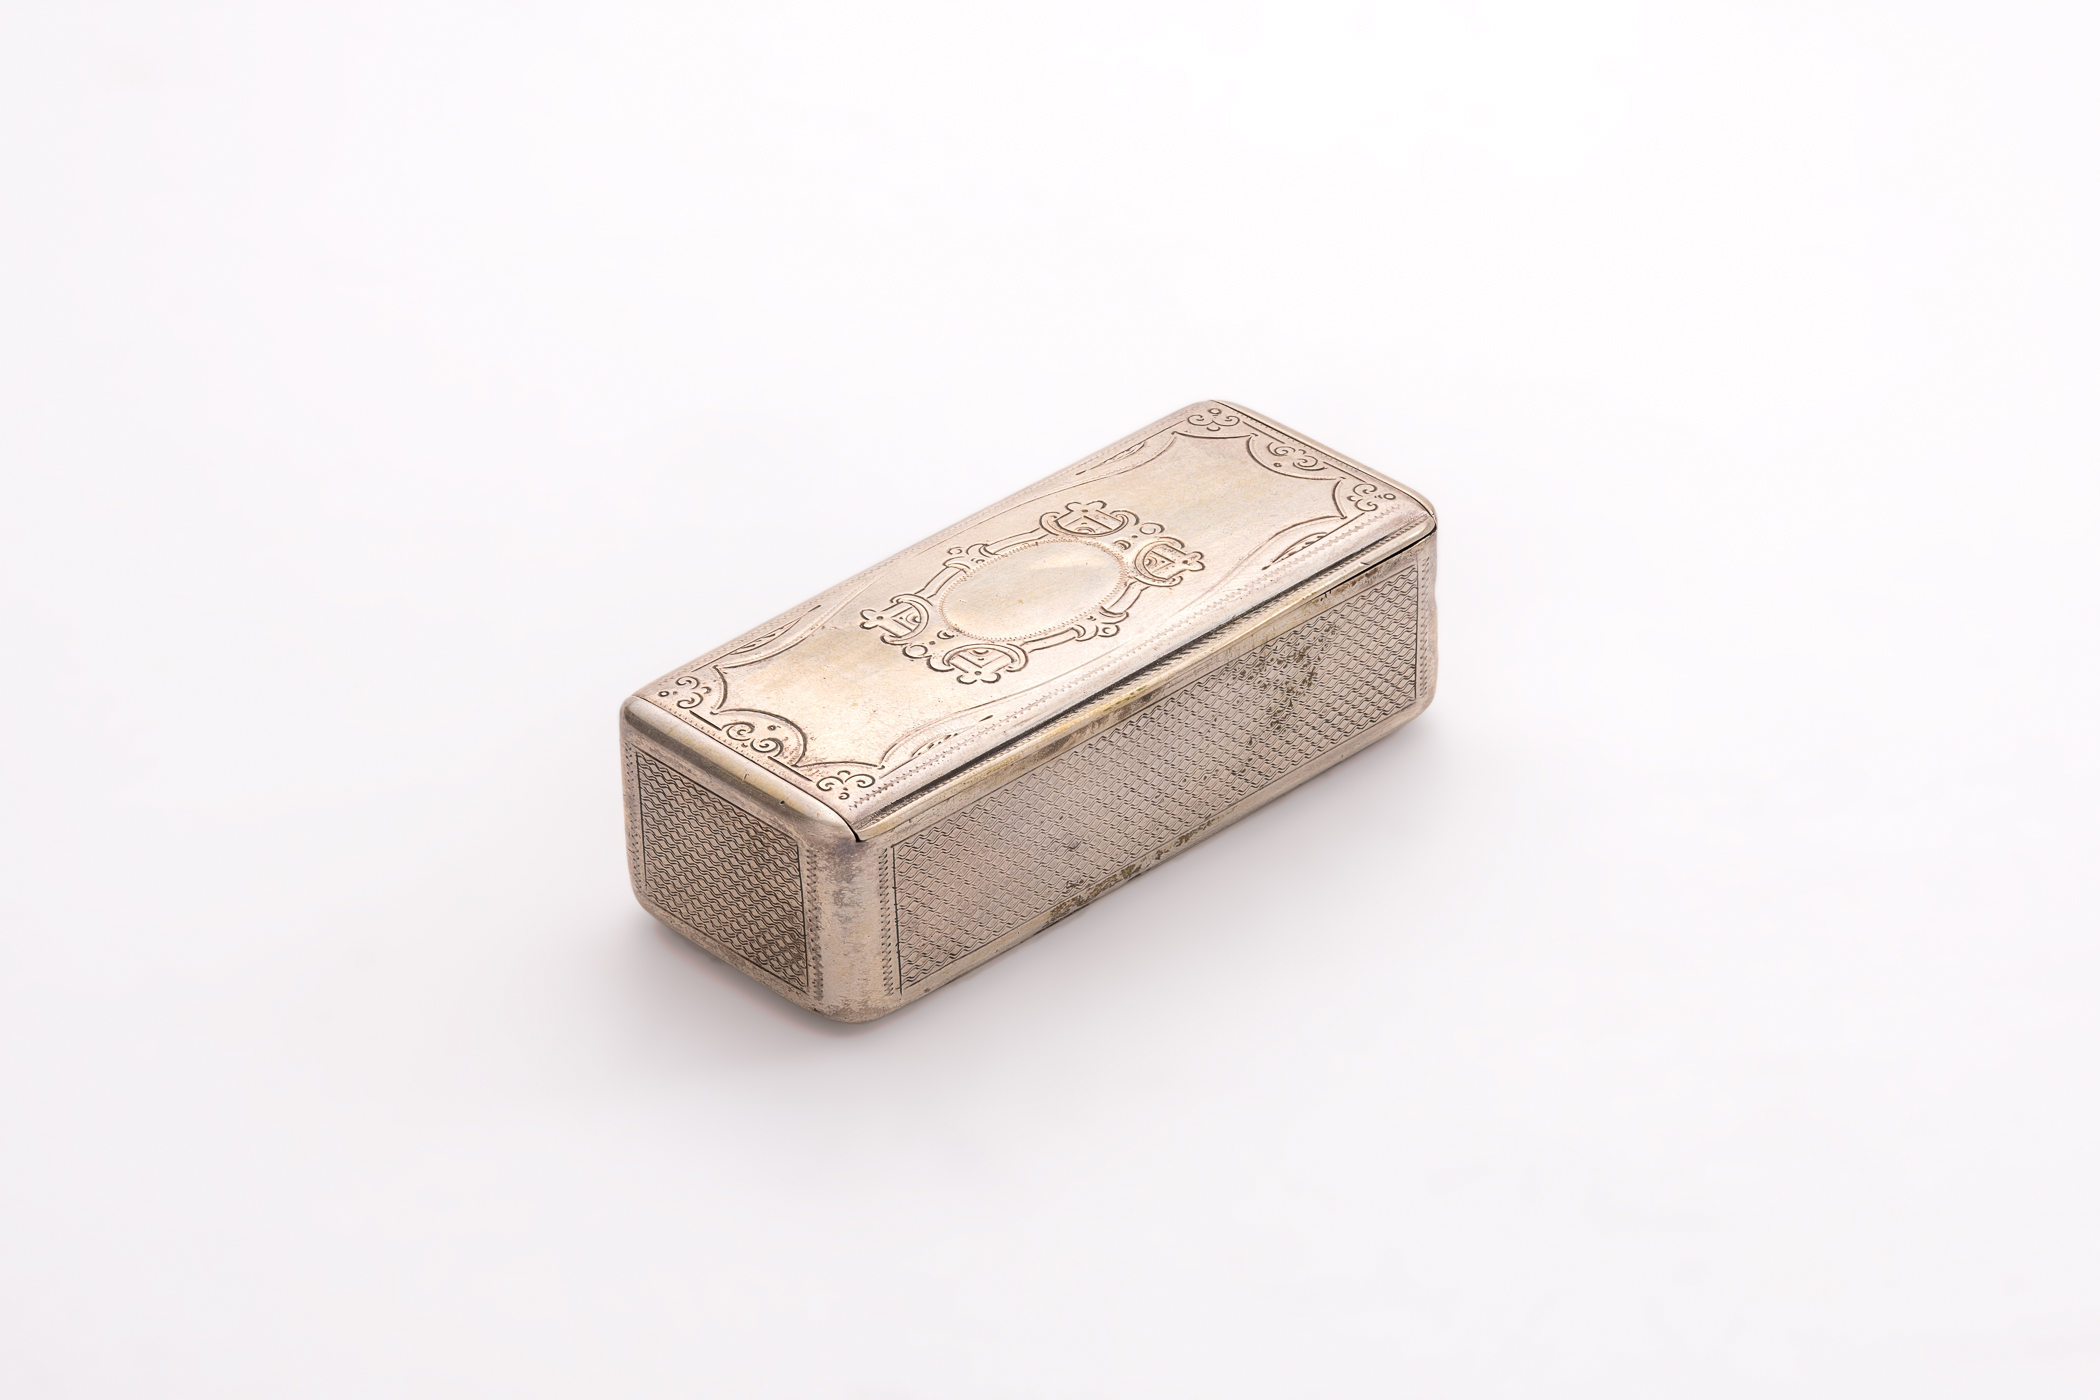 Tabakierka, srebro 13 łut, Wiedeń, koniec XIX w.